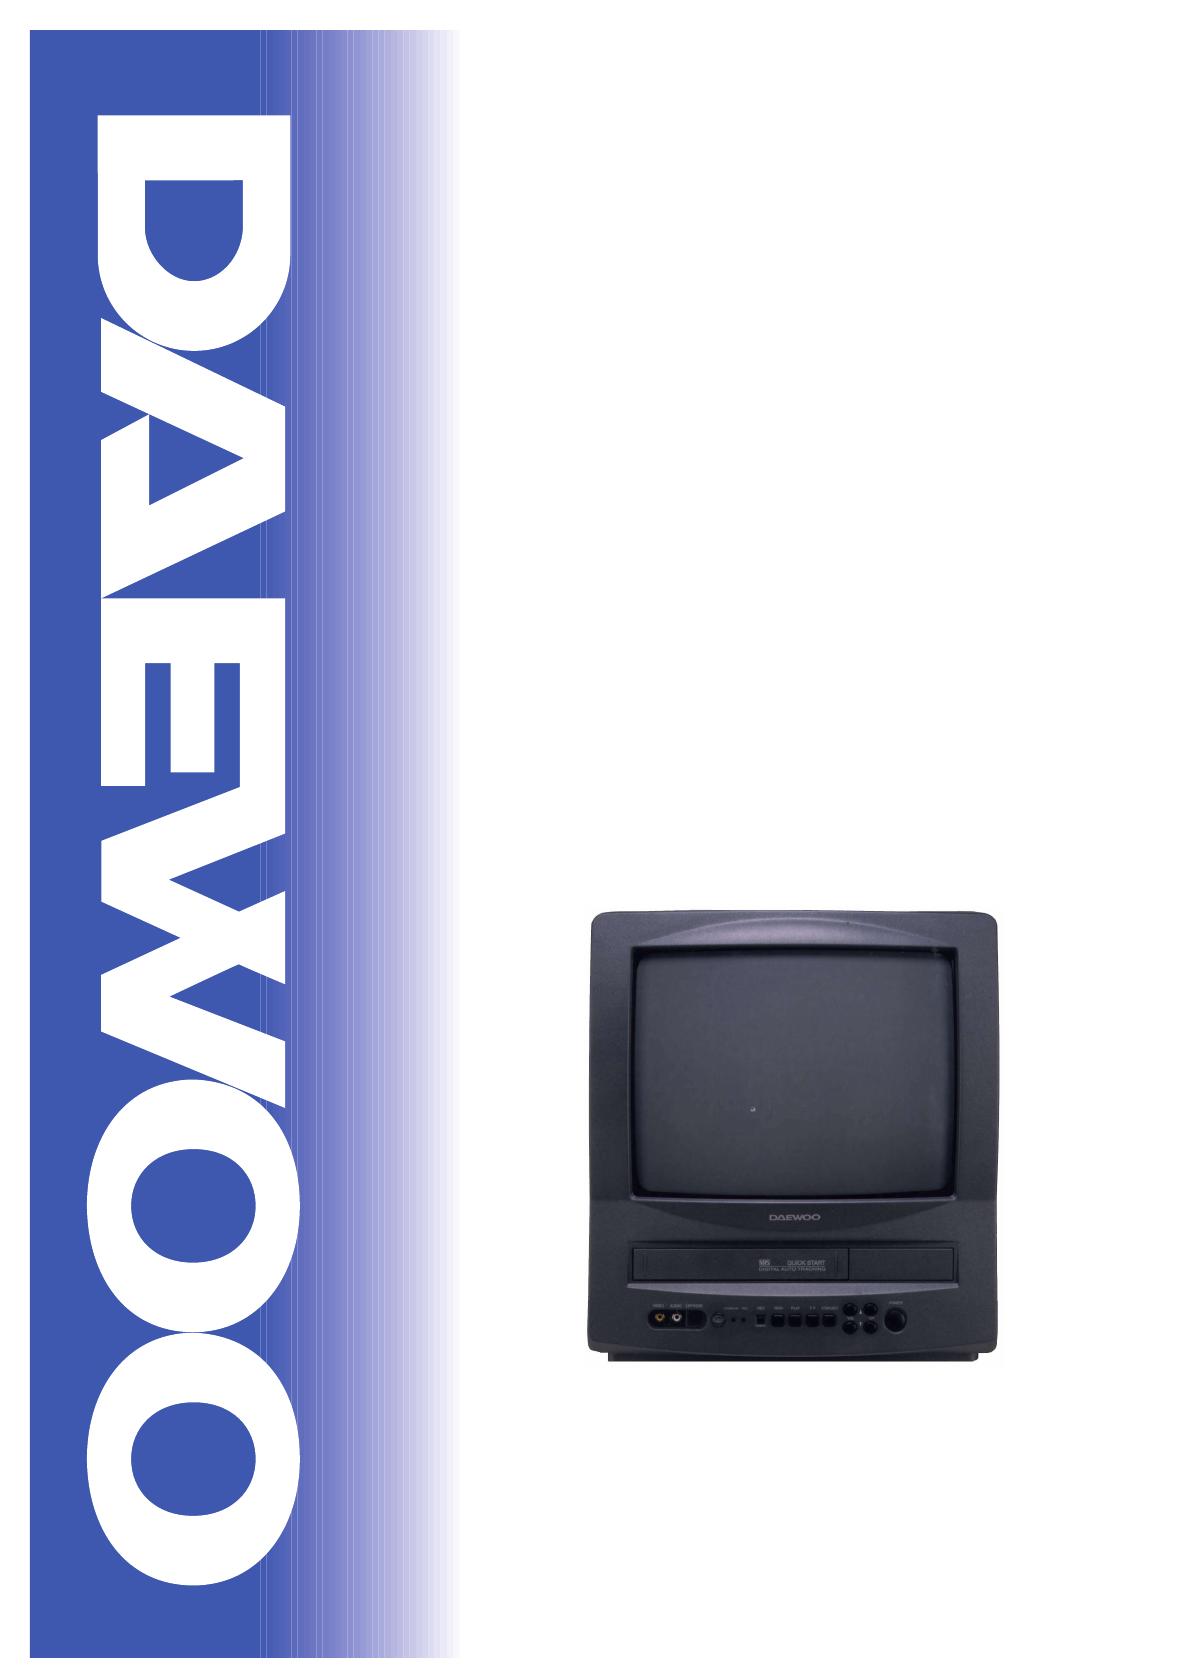 Daewoo Tv Vcr Combo Dvq